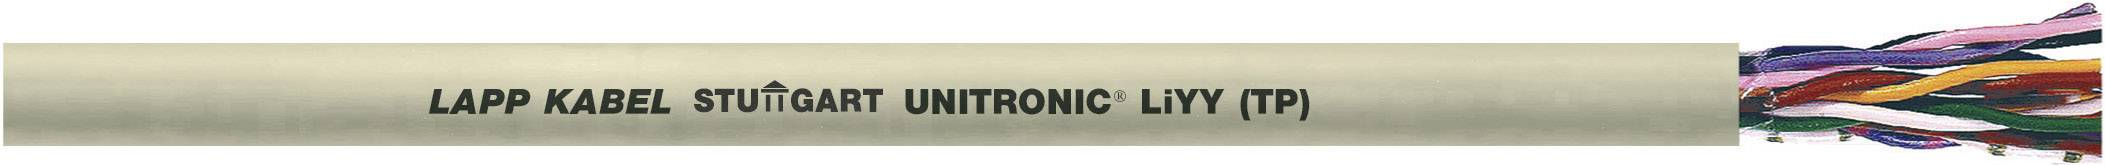 Dátový kábel LappKabel 0035103 UNITRONIC® LiYY (TP), 4 x 2 x 0.14 mm², sivá, metrový tovar